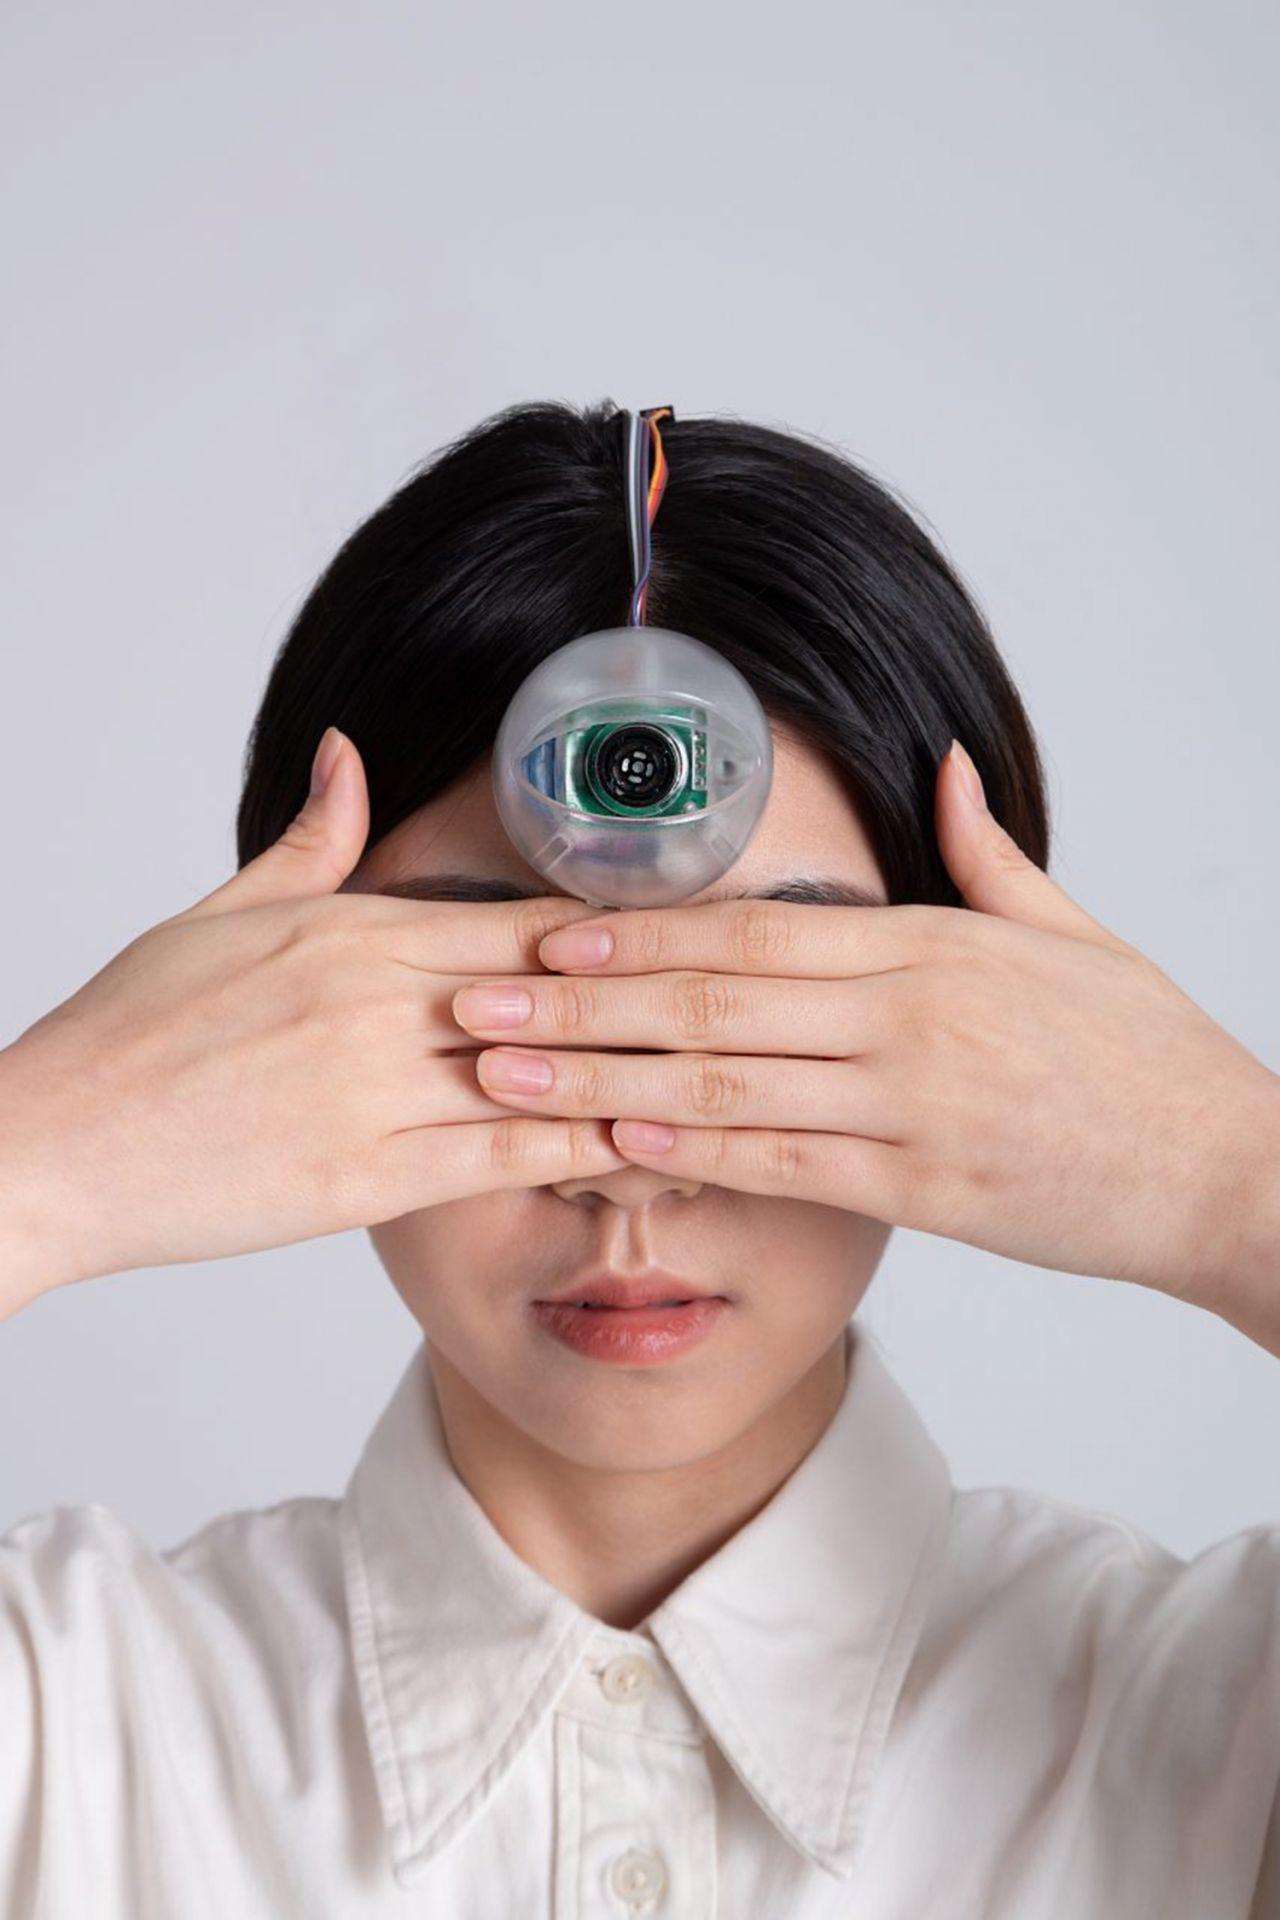 Telefon bağımlıları için ''Allah akıl fikir versin'' dedirten icat - Resim: 3